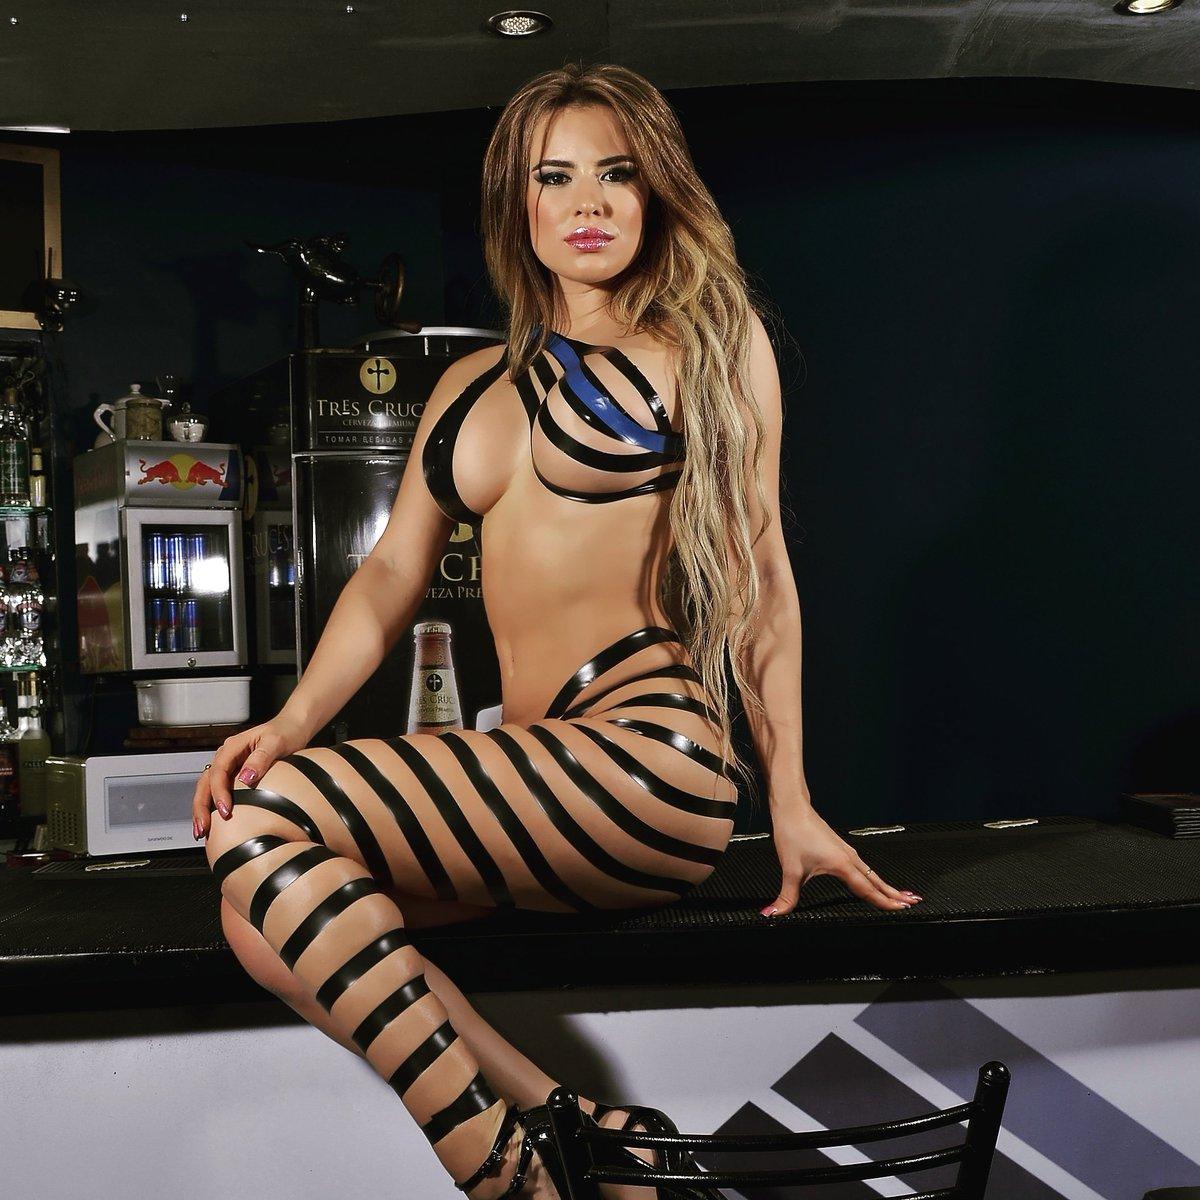 Latina lingerie models